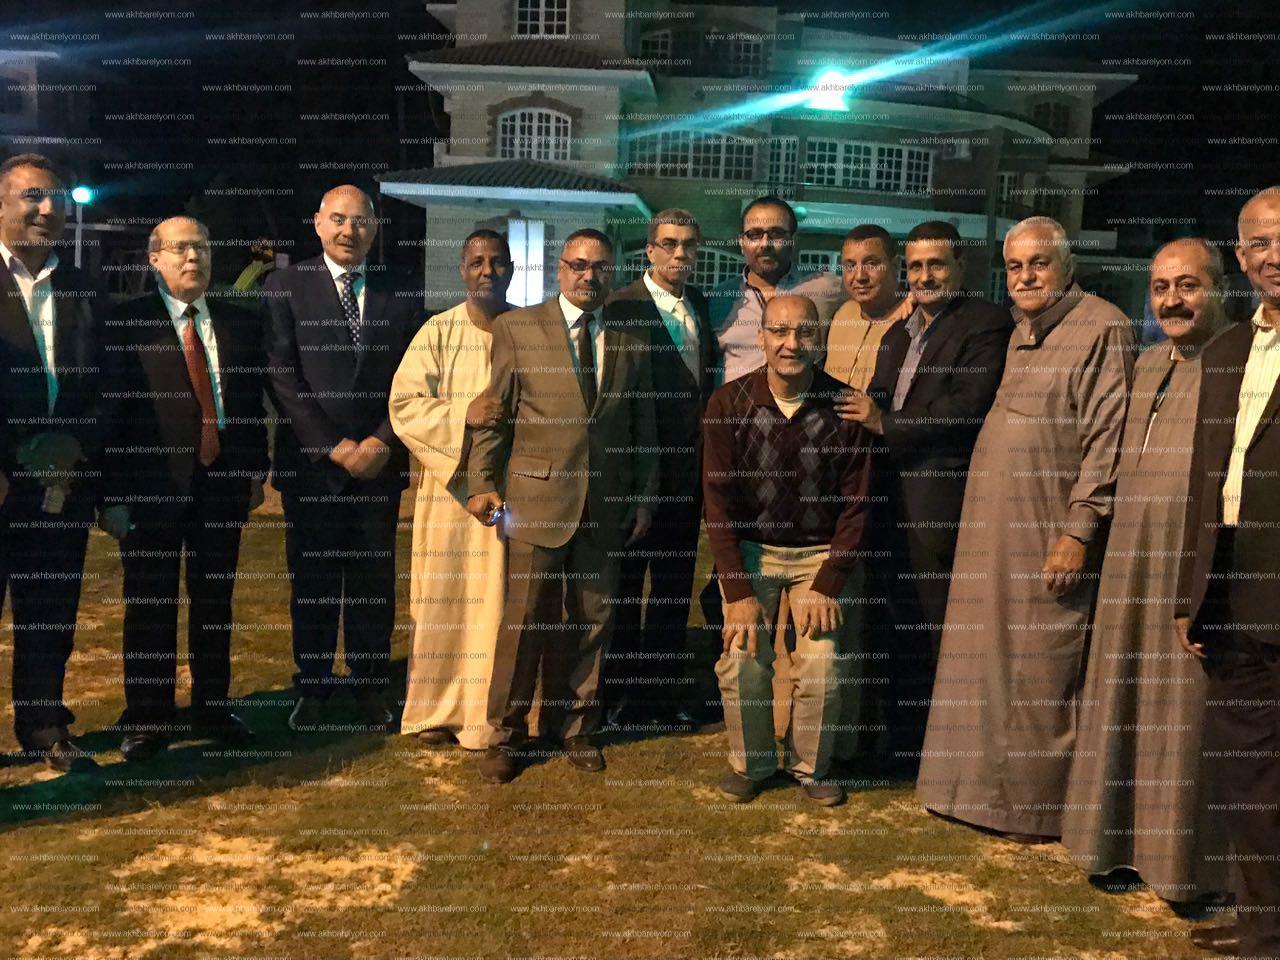 ياسر رزق لاهالي الاسماعيلية: المشاركة واجب وطنى فى لحظة فارقة من عمر الوطن